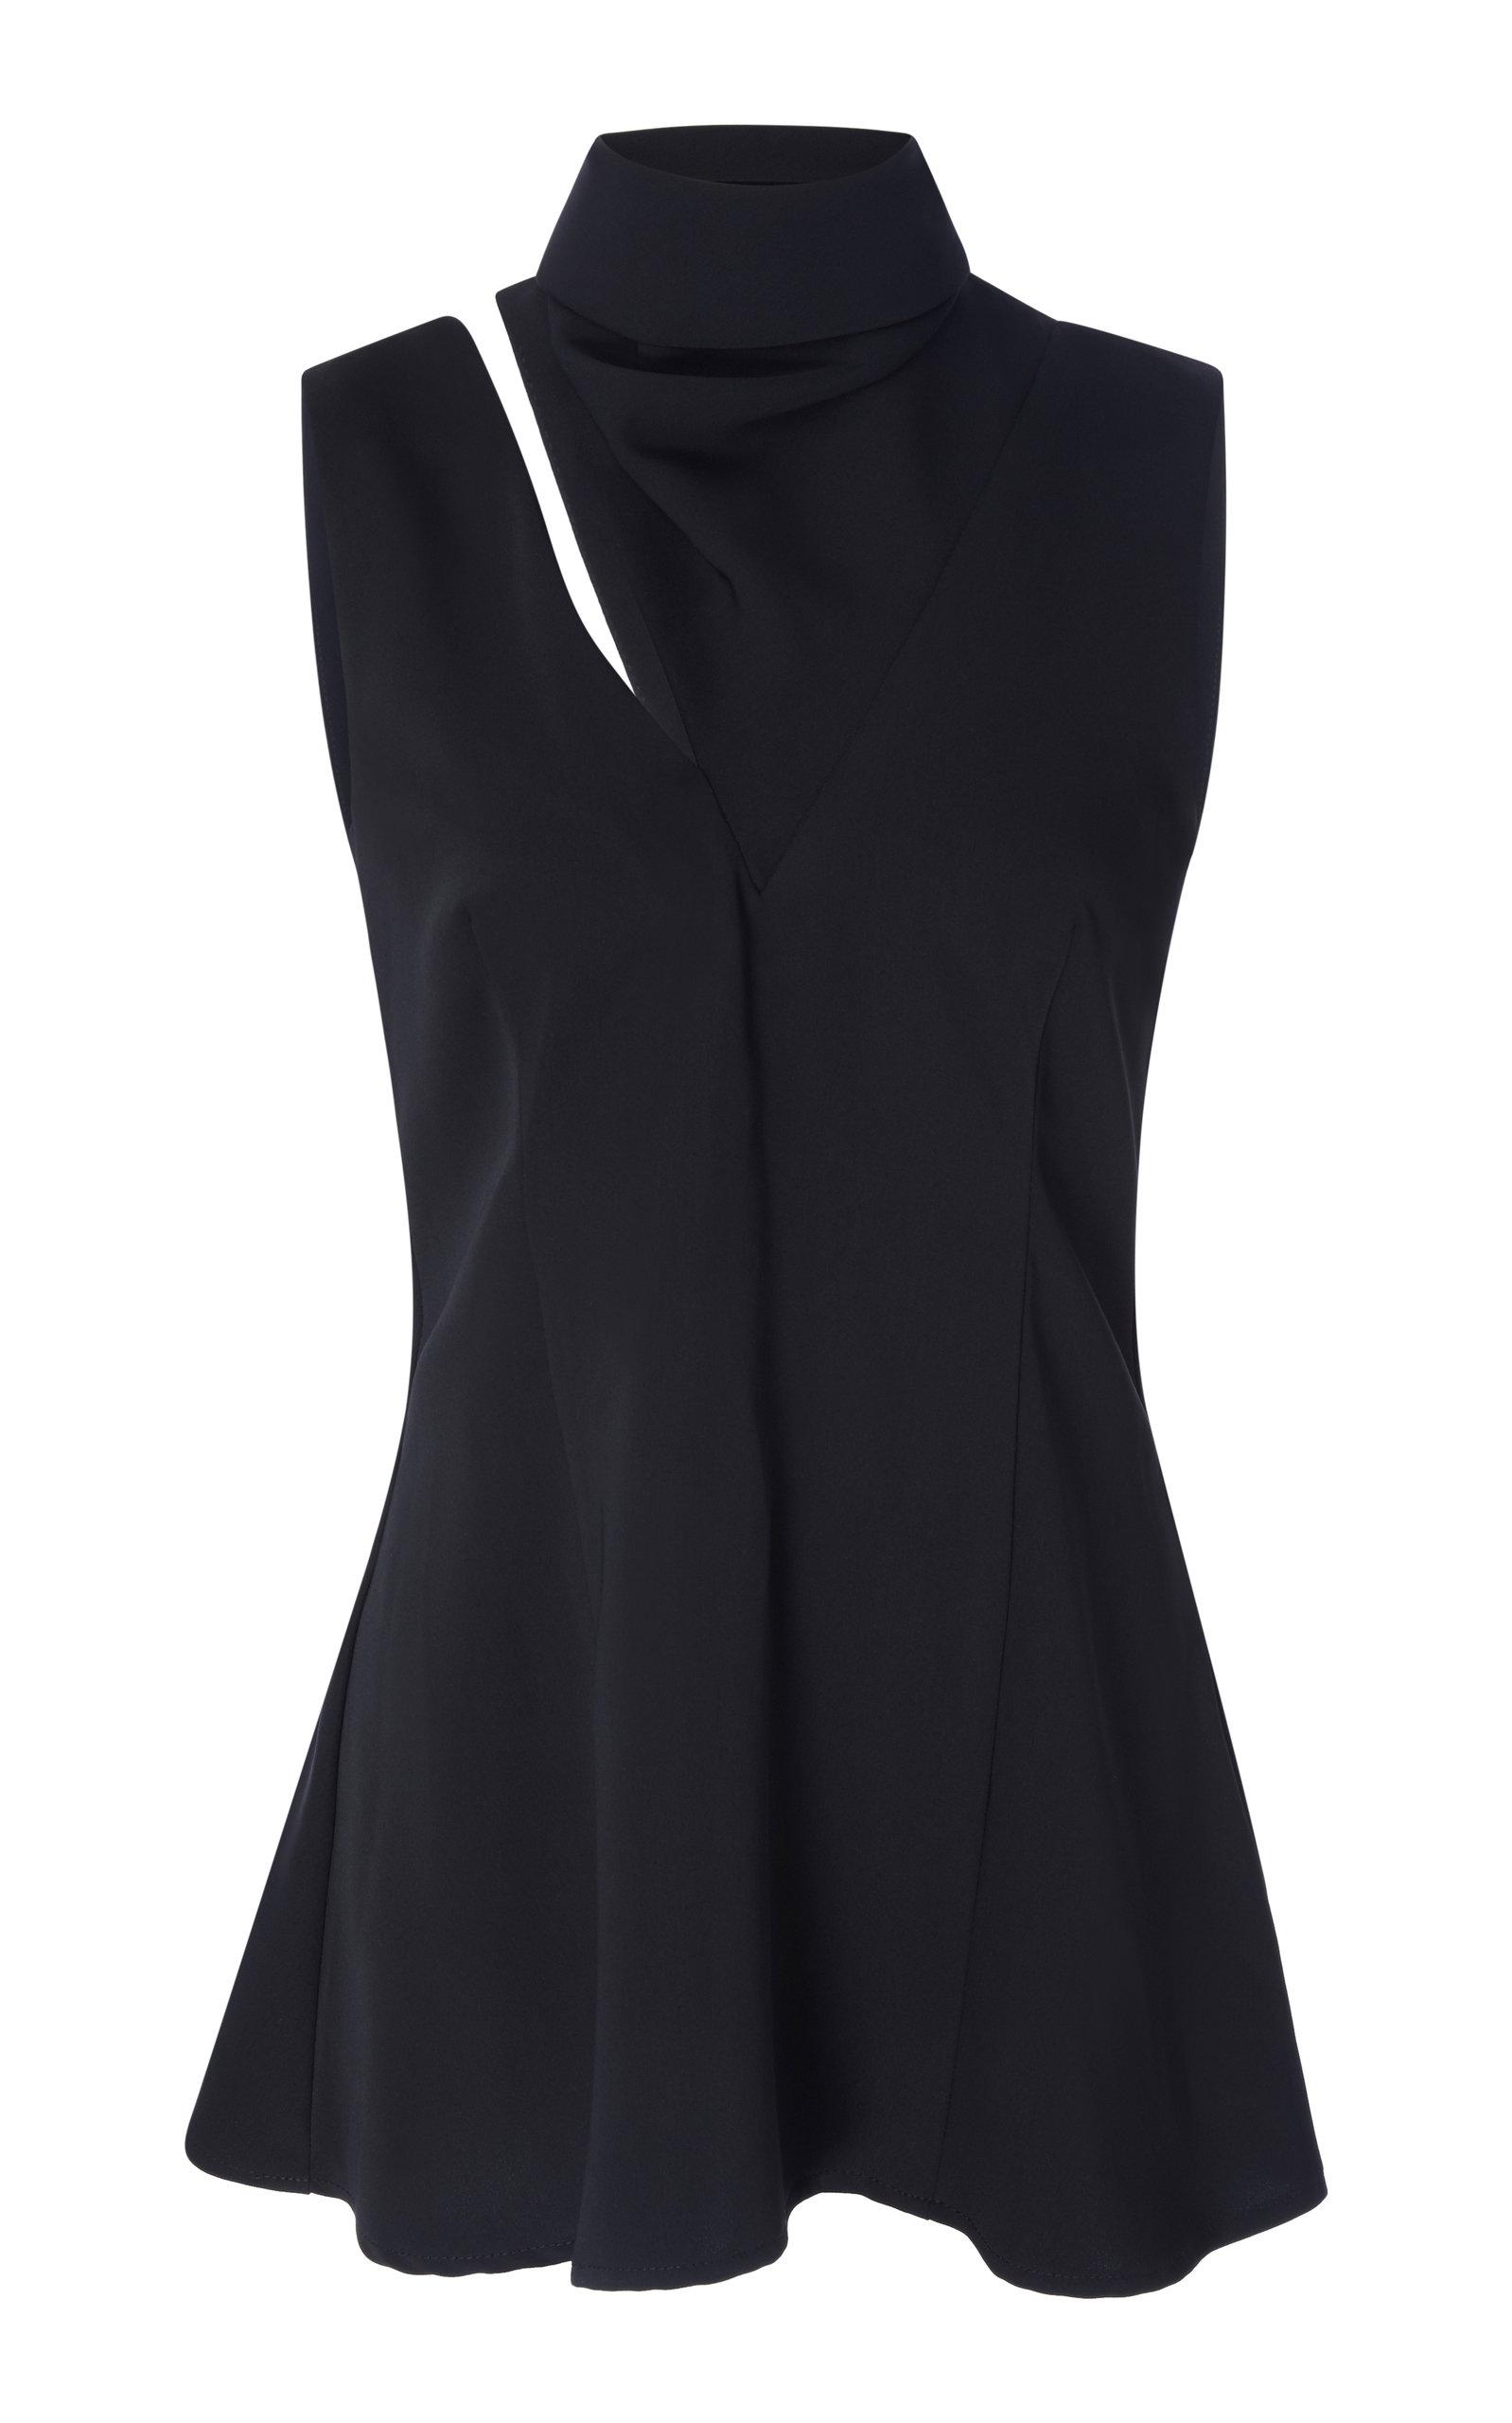 de449df2ca4add Beaufille Funnel Neck Sleeveless Top In Black